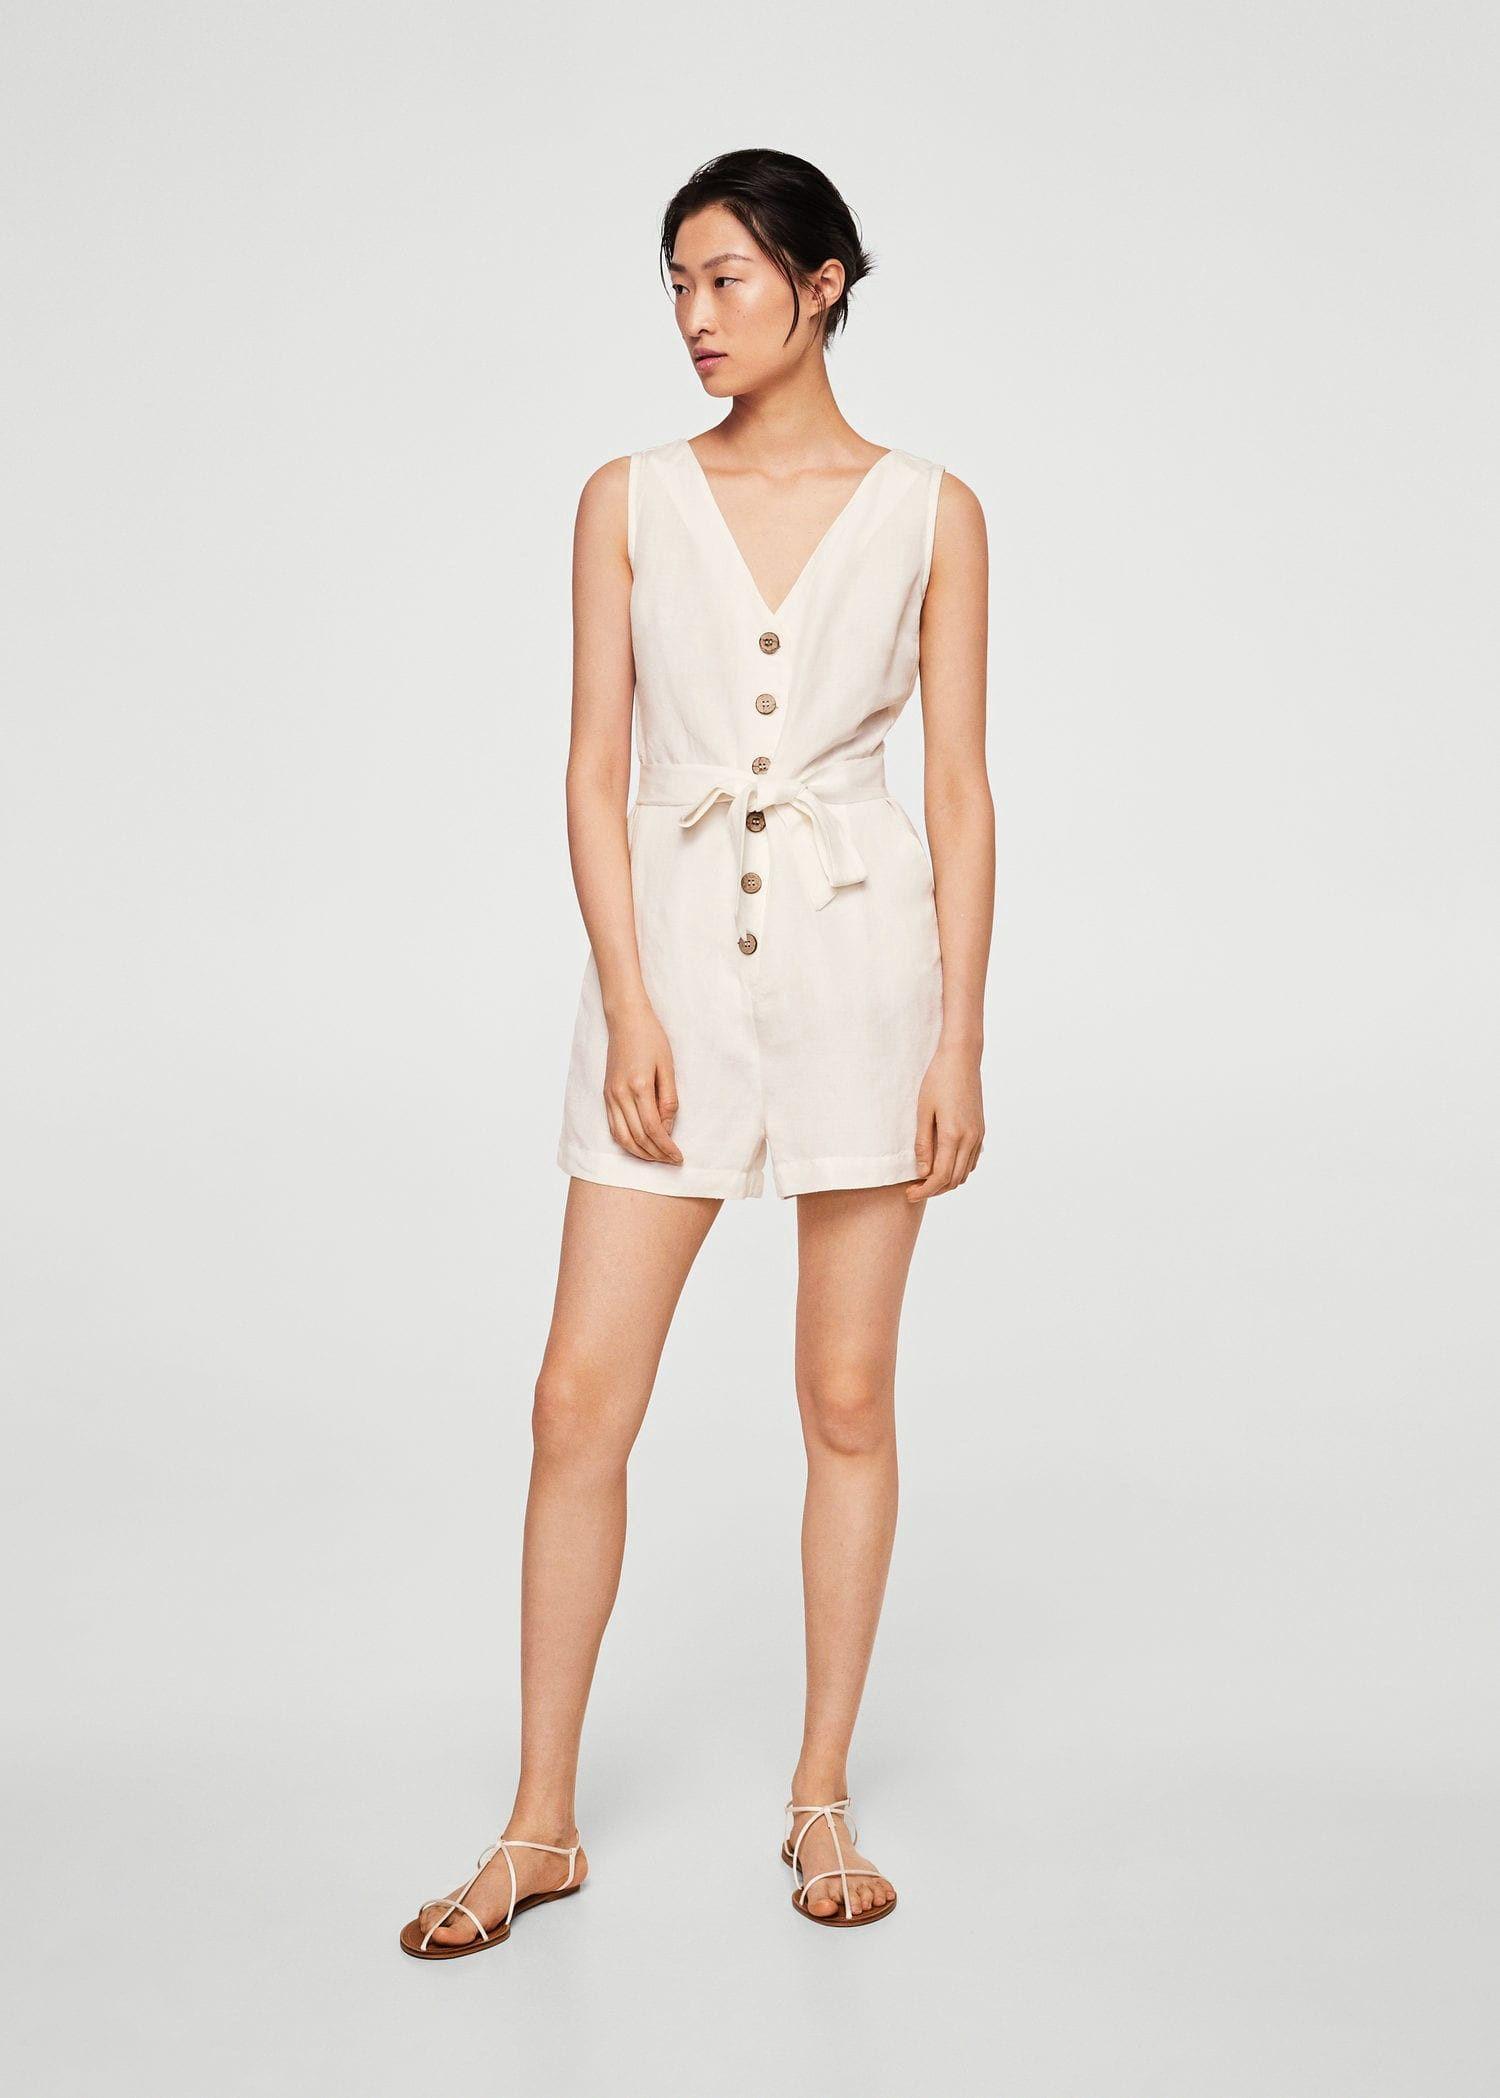 772ce27201a8 Mango Bow Linen Jumpsuit - Women